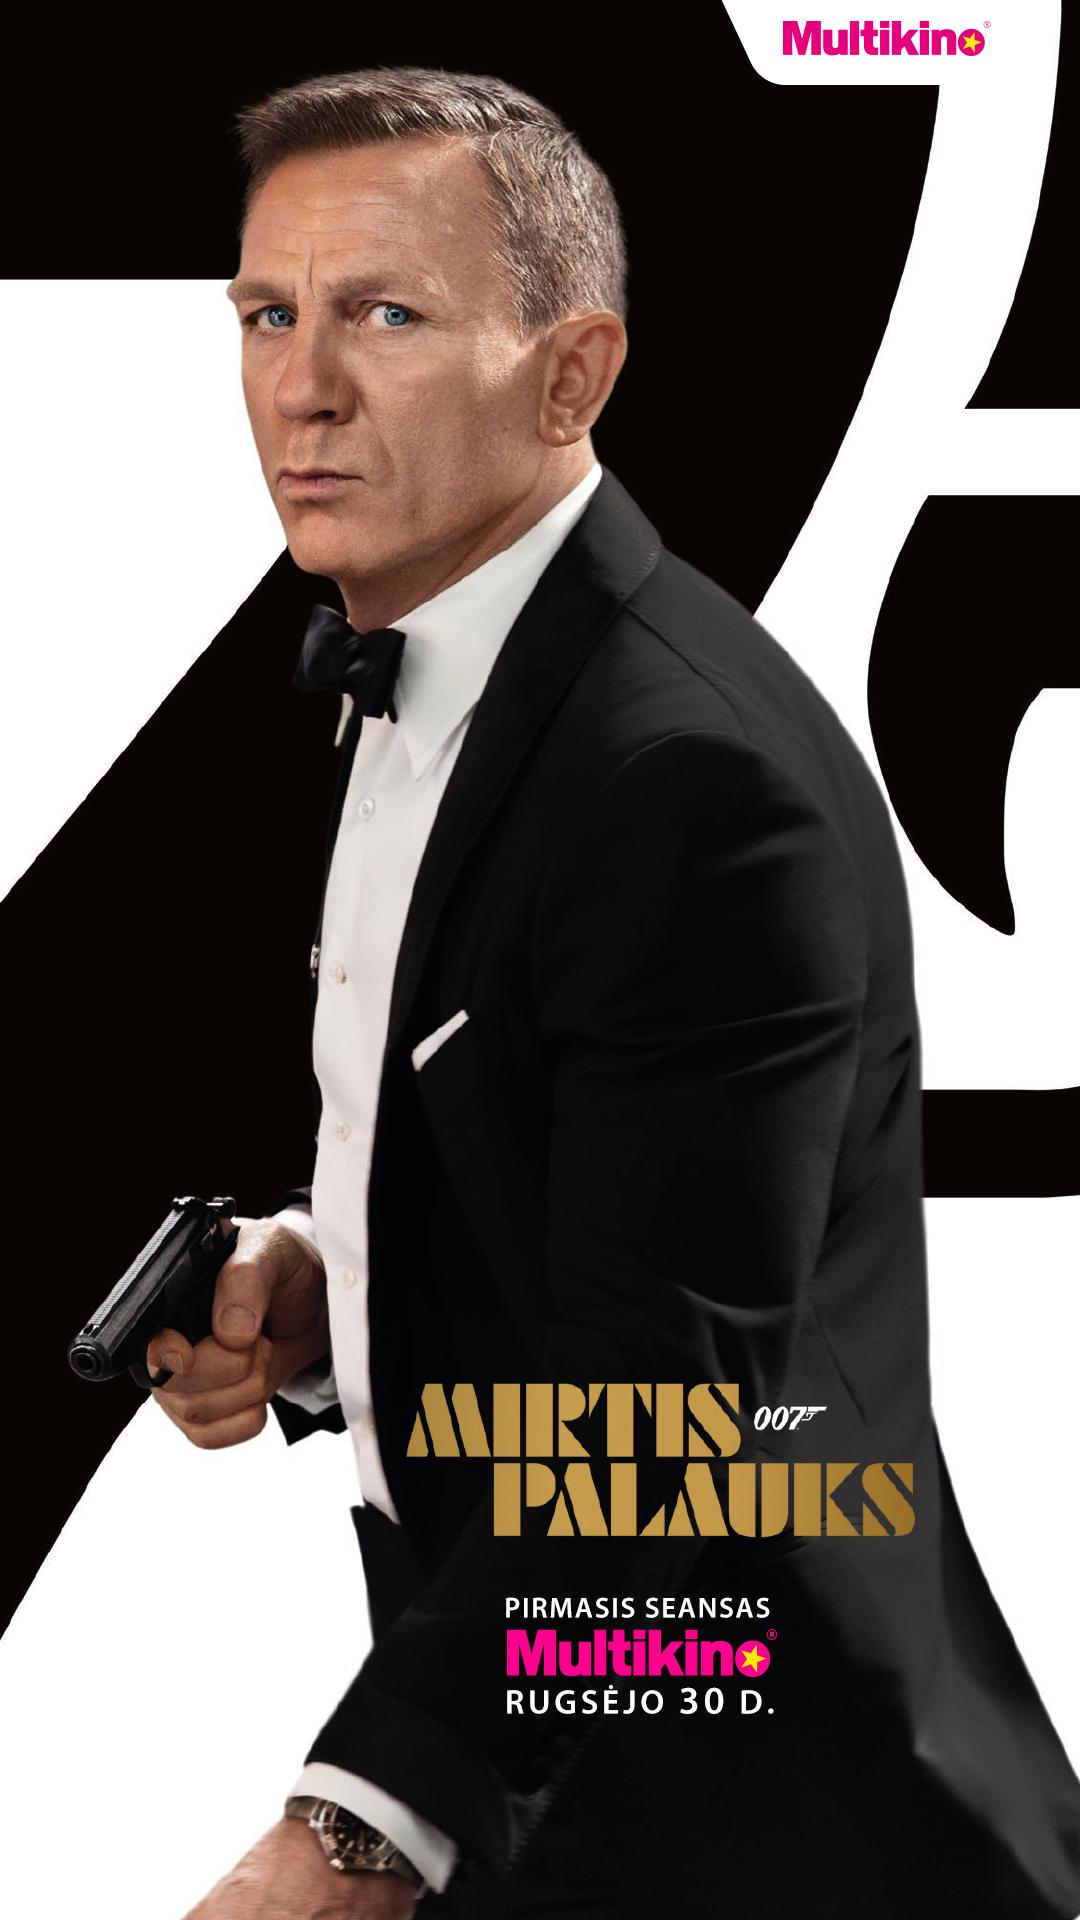 007 MIRTIS PALAUKS (007 No Time to Die)